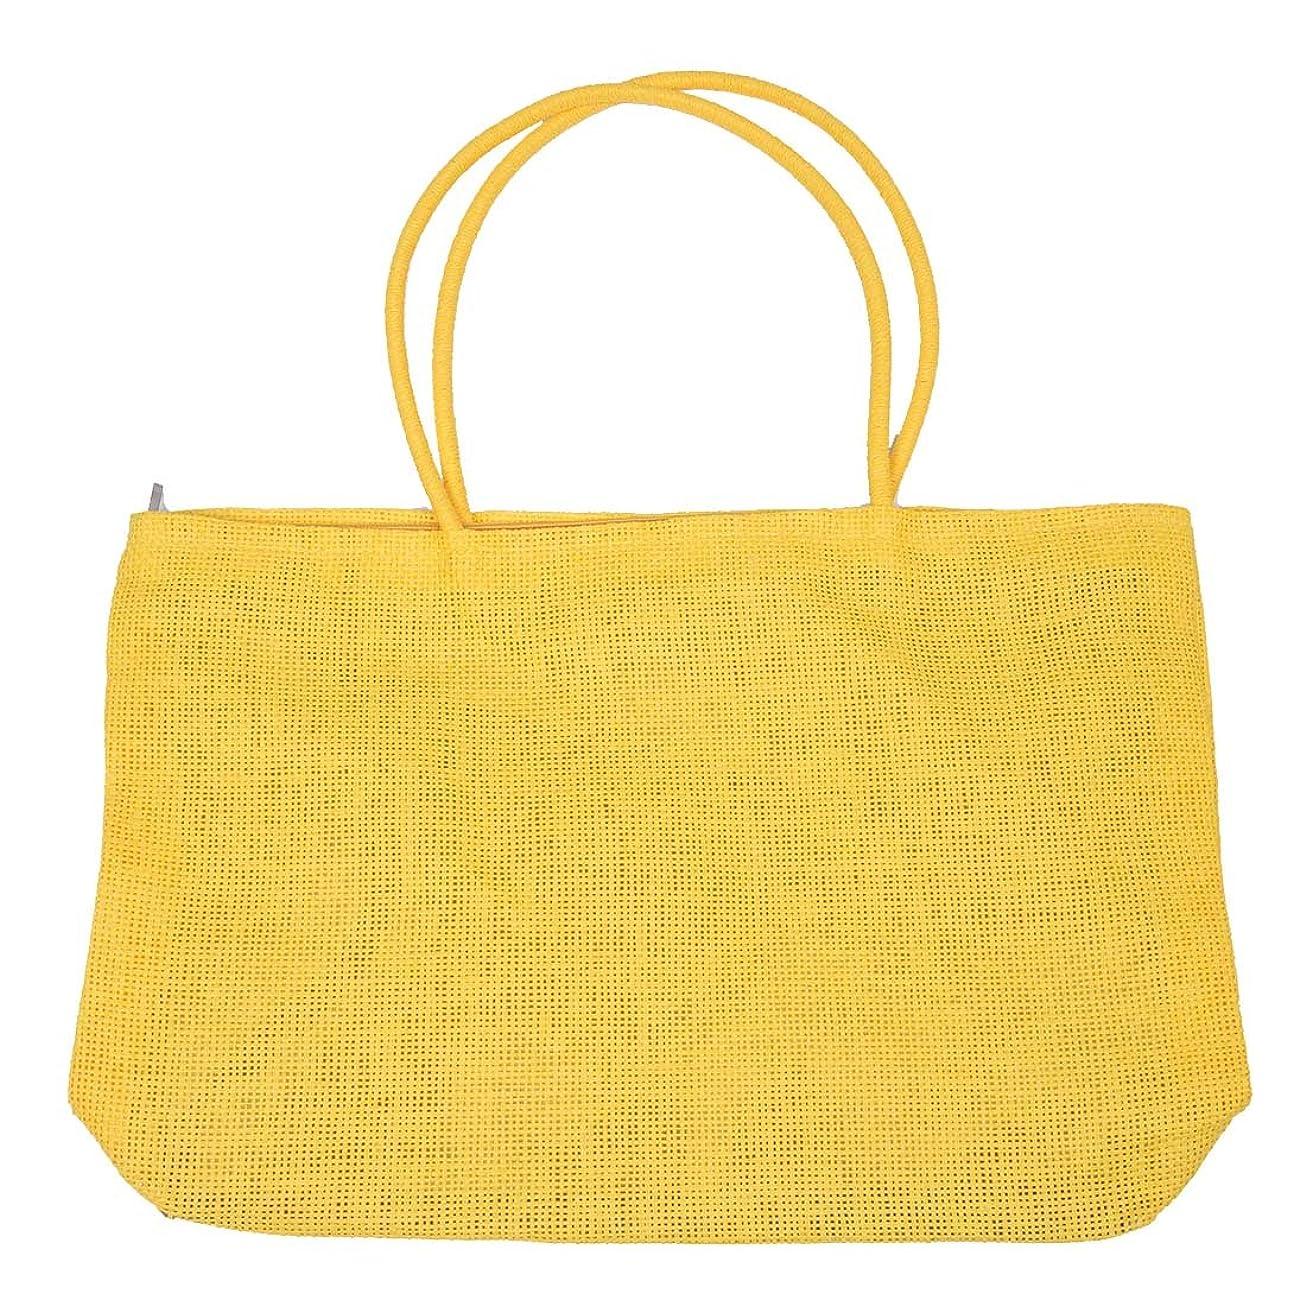 正気雇った市民権RETYLY 女性のファッション的な織わら 夏のトートショルダーバッグ ビーチショッピングハンドバッグ - 黄色